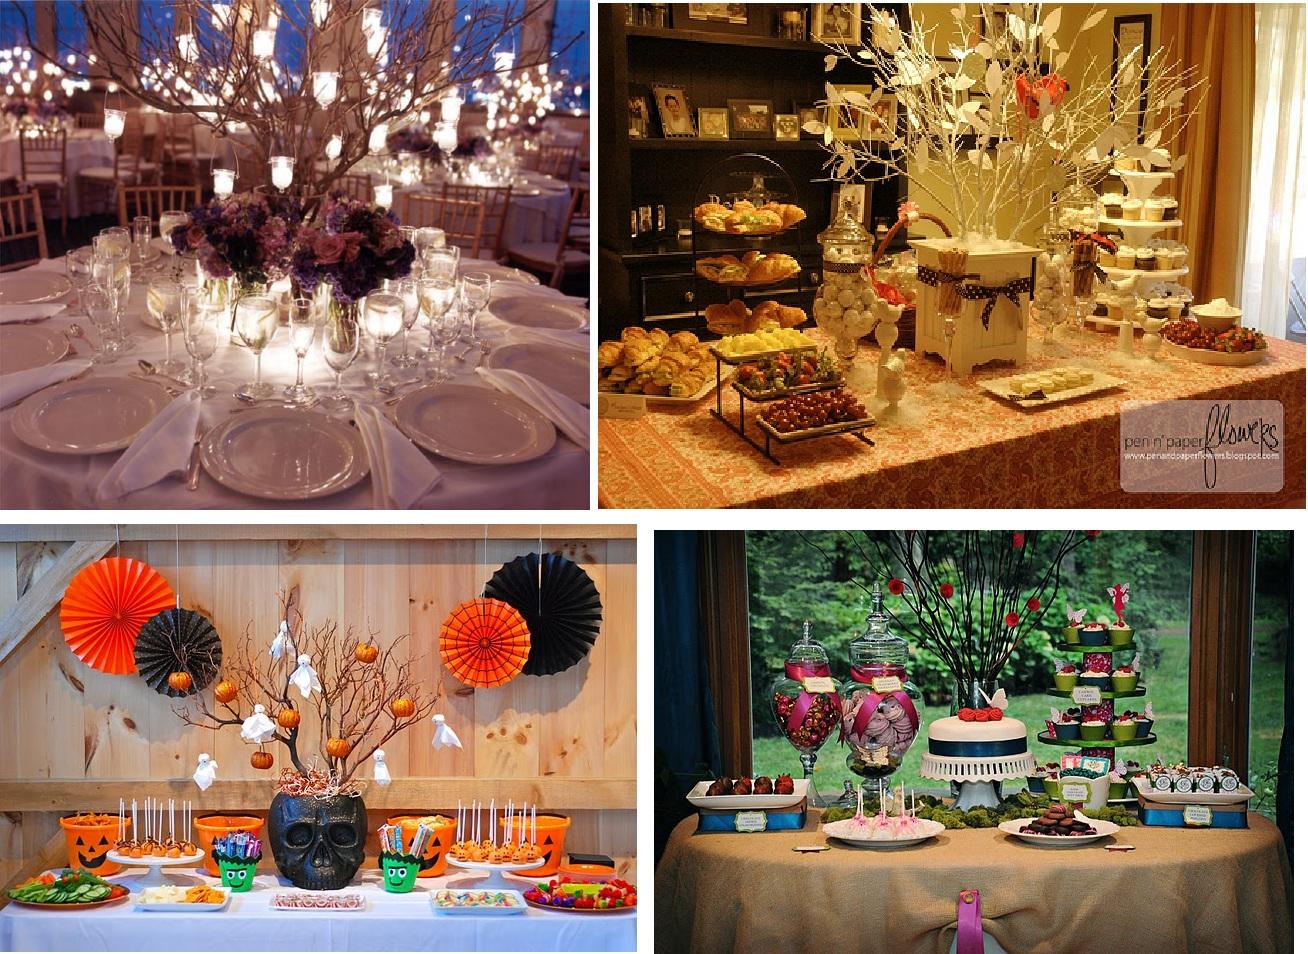 Ramas de rbol como centros de mesa - Fotos de mesas decoradas ...